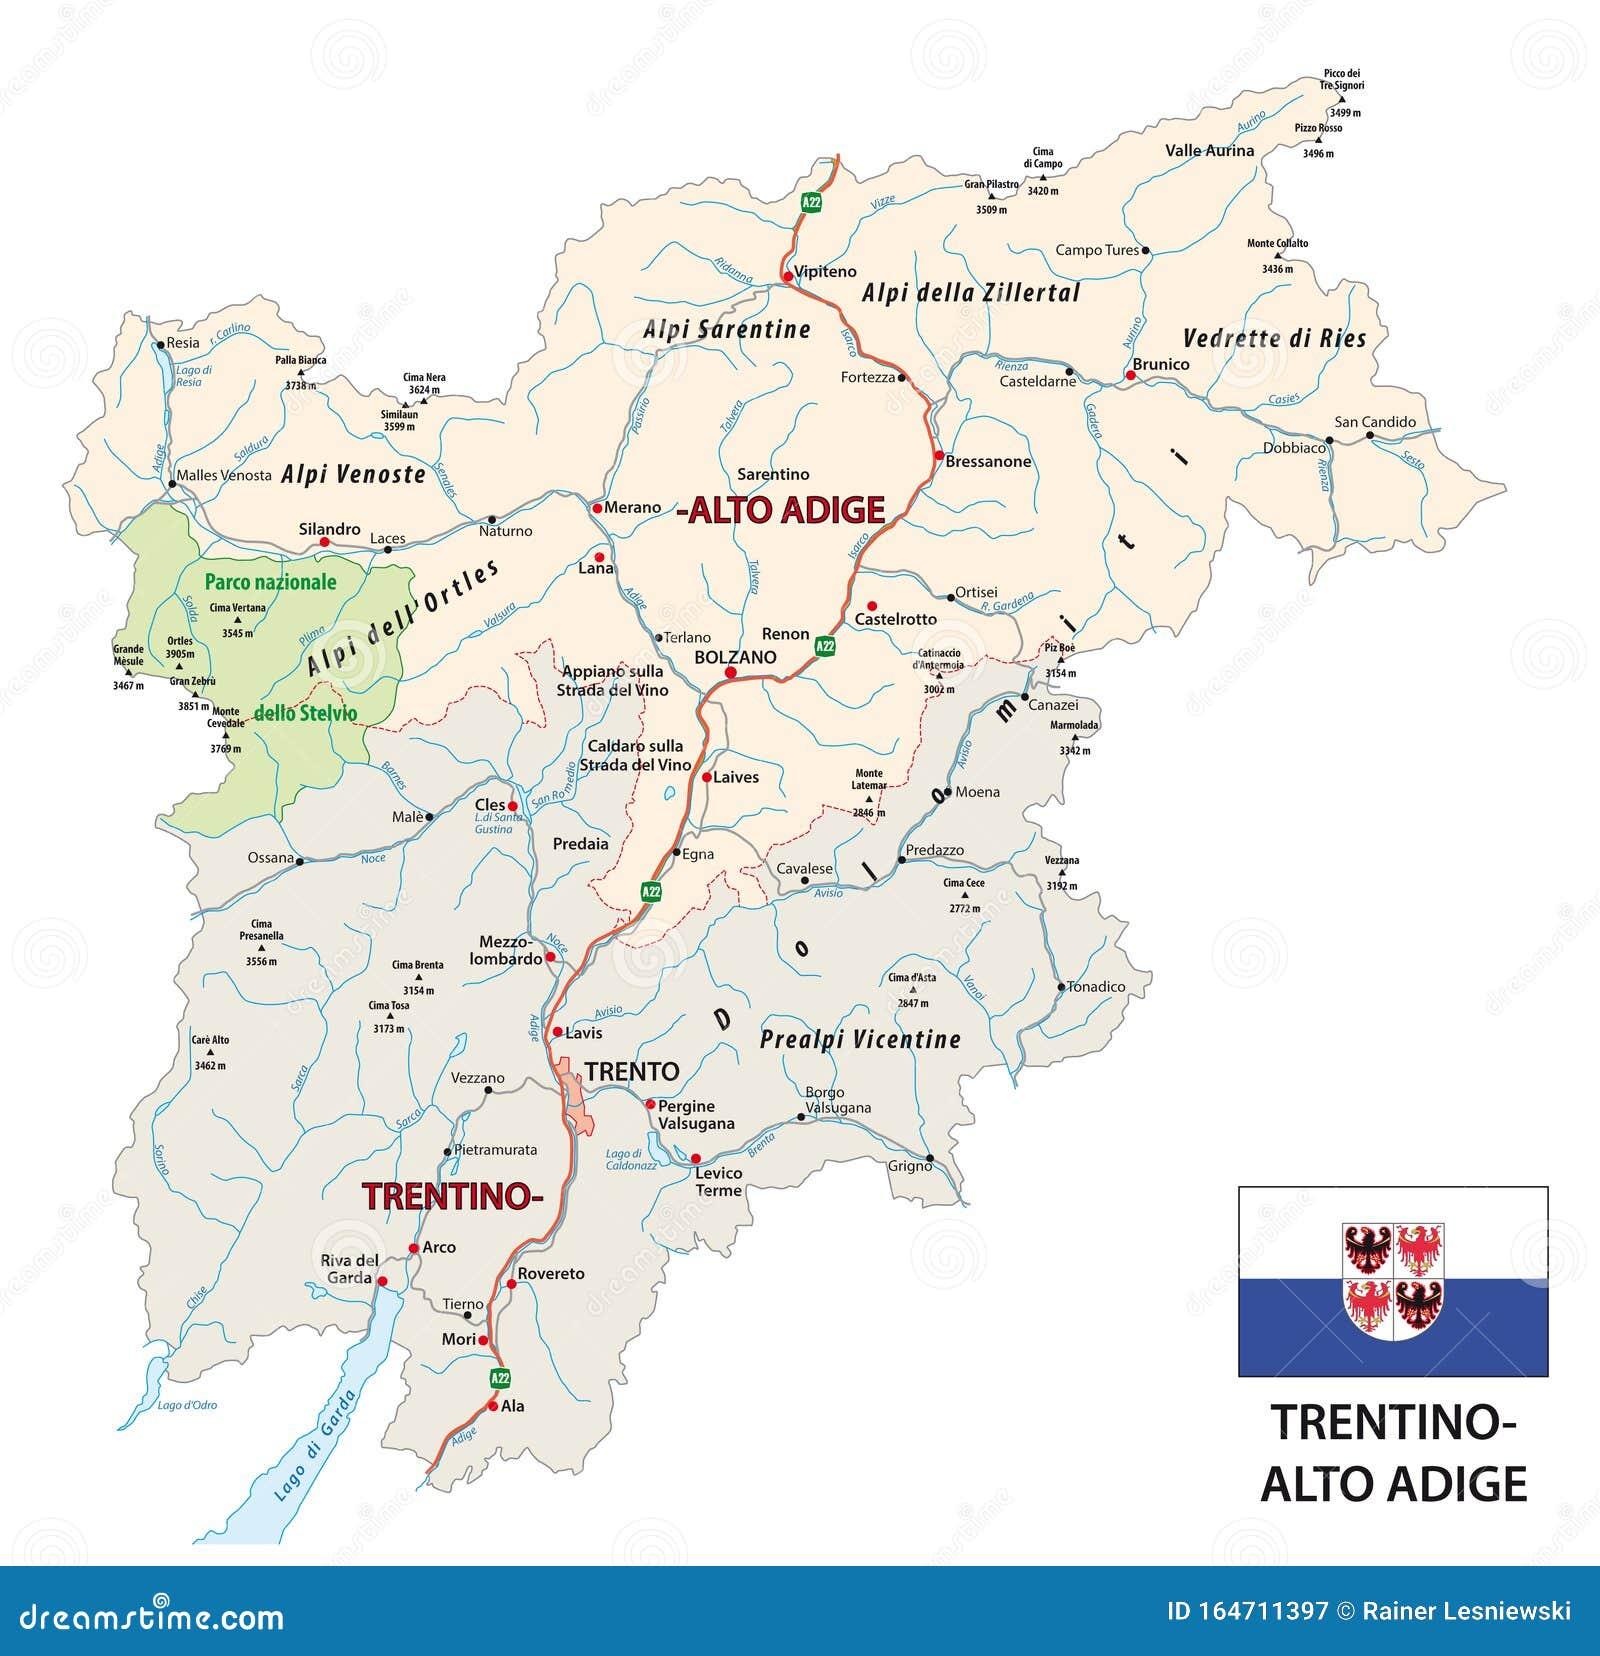 Cartina Stradale Del Trentino Alto Adige.Trentino Alto Illustrazioni Vettoriali E Clipart Stock 47 Illustrazioni Stock